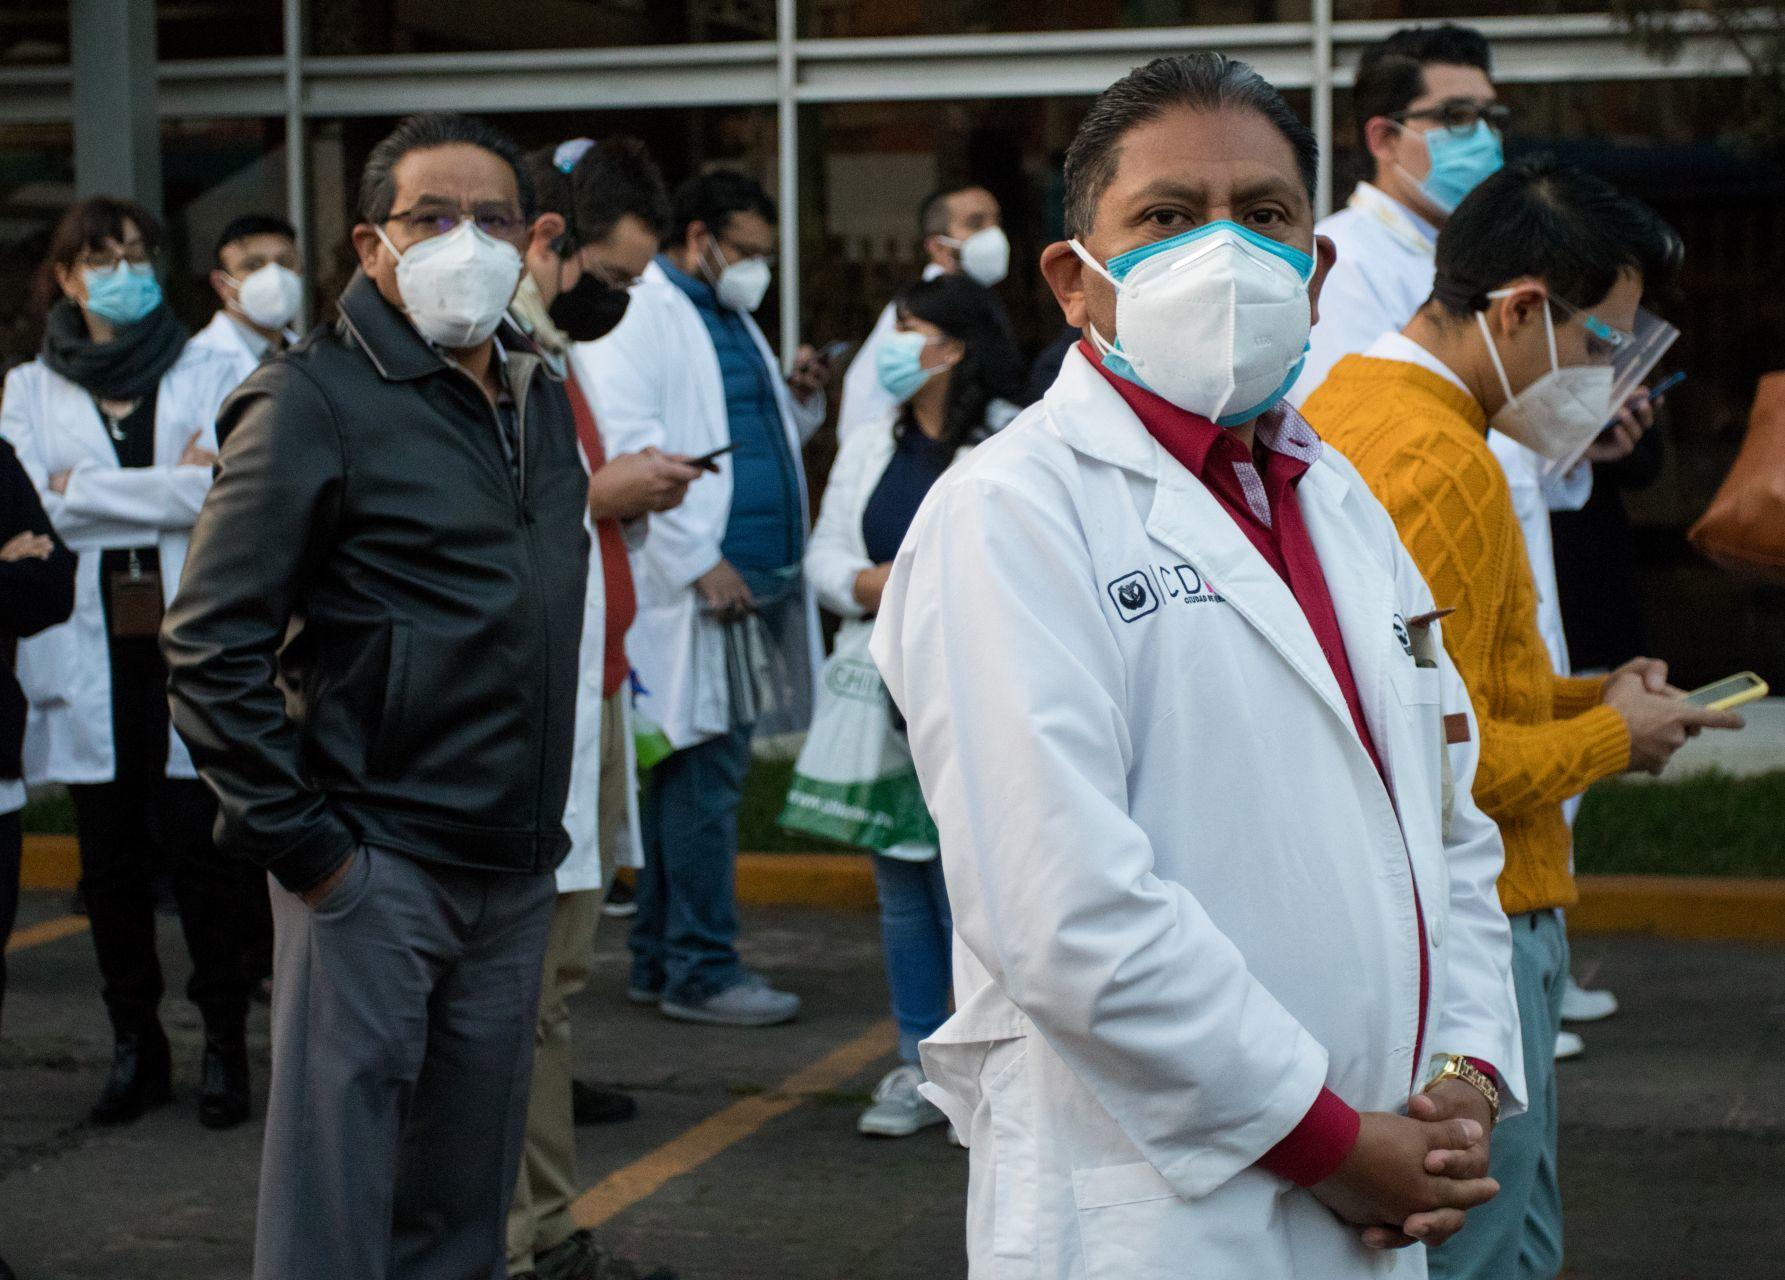 Médicos hacen fila para ingresar al Hospital General de México para aplicarse la vacuna contra Covid-19.